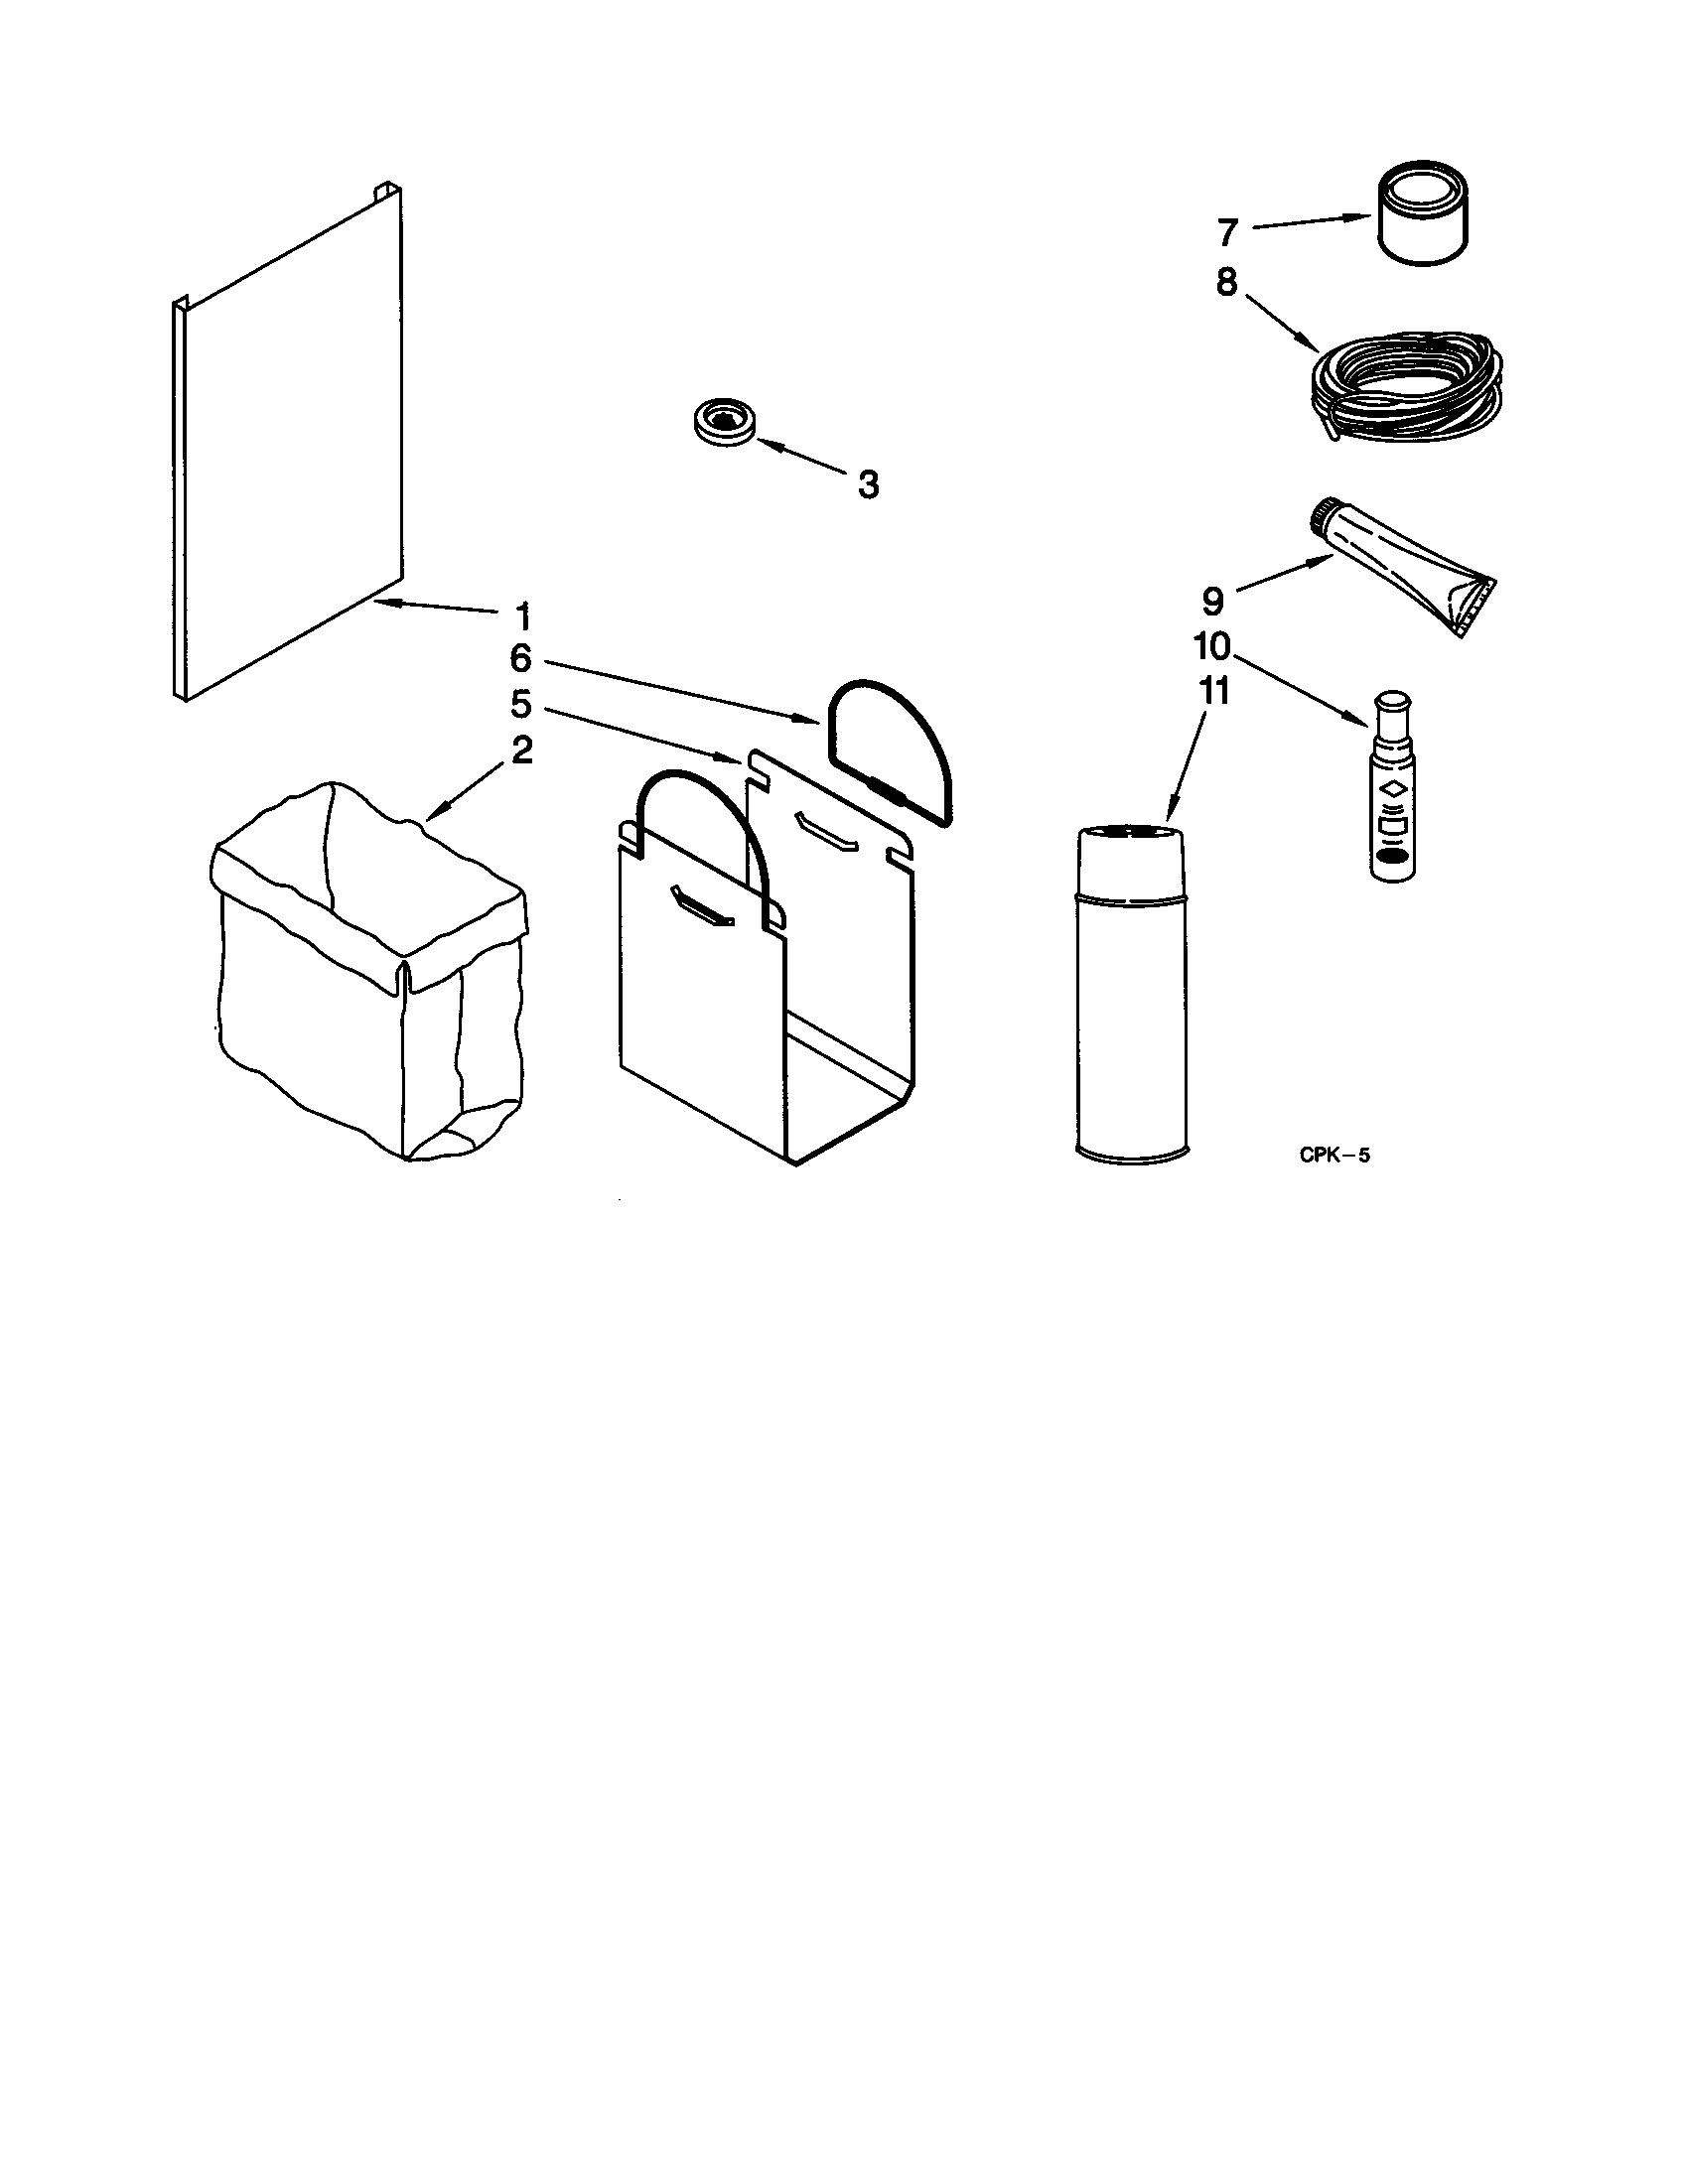 Kitchenaid model KUCC151GSS1 compactors genuine parts